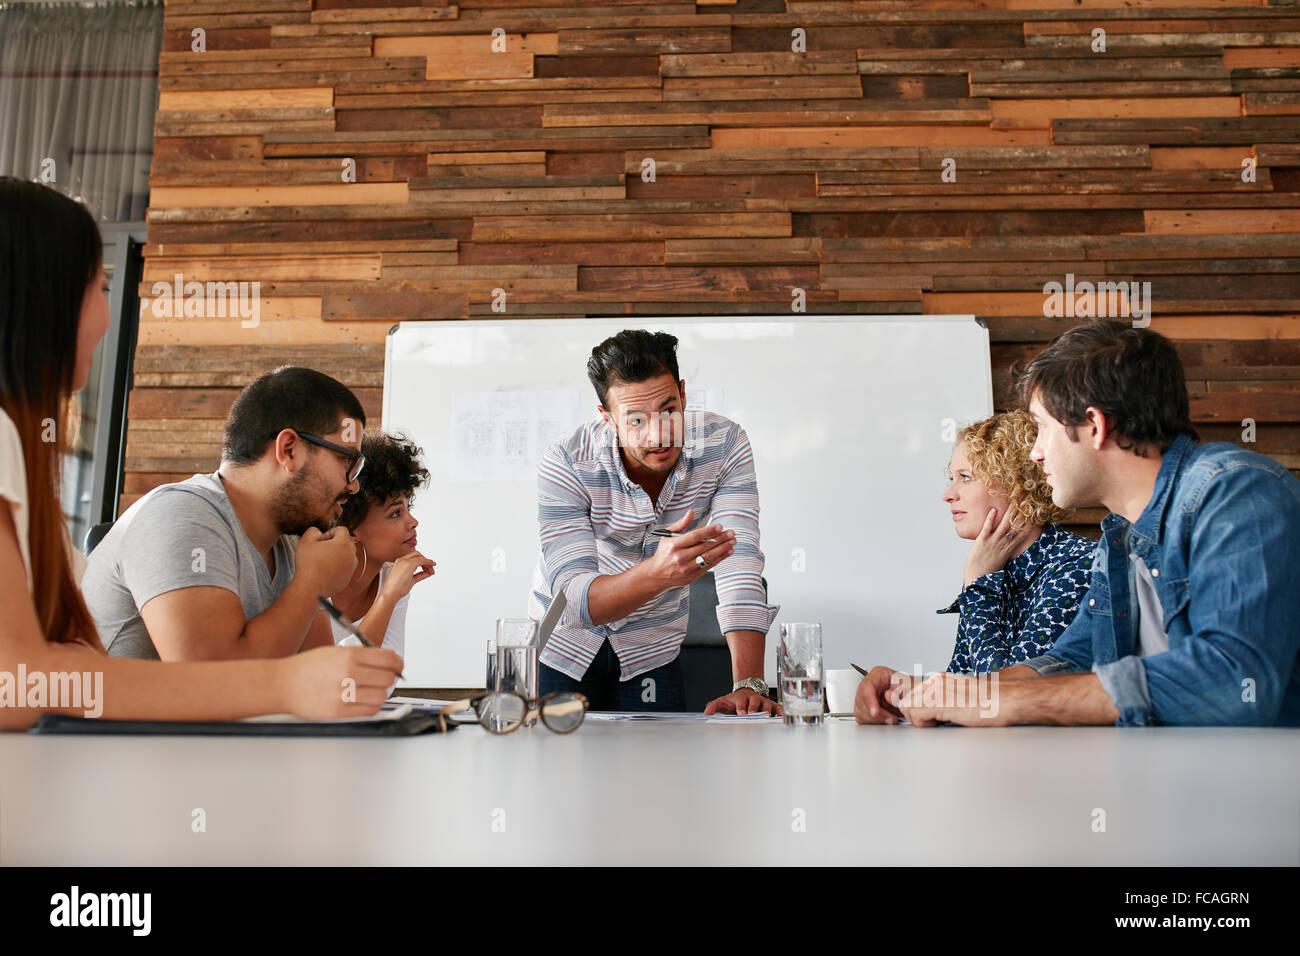 Dans une salle de réunion de brainstorming creative office . Les jeunes gens créatifs assis à la Photo Stock